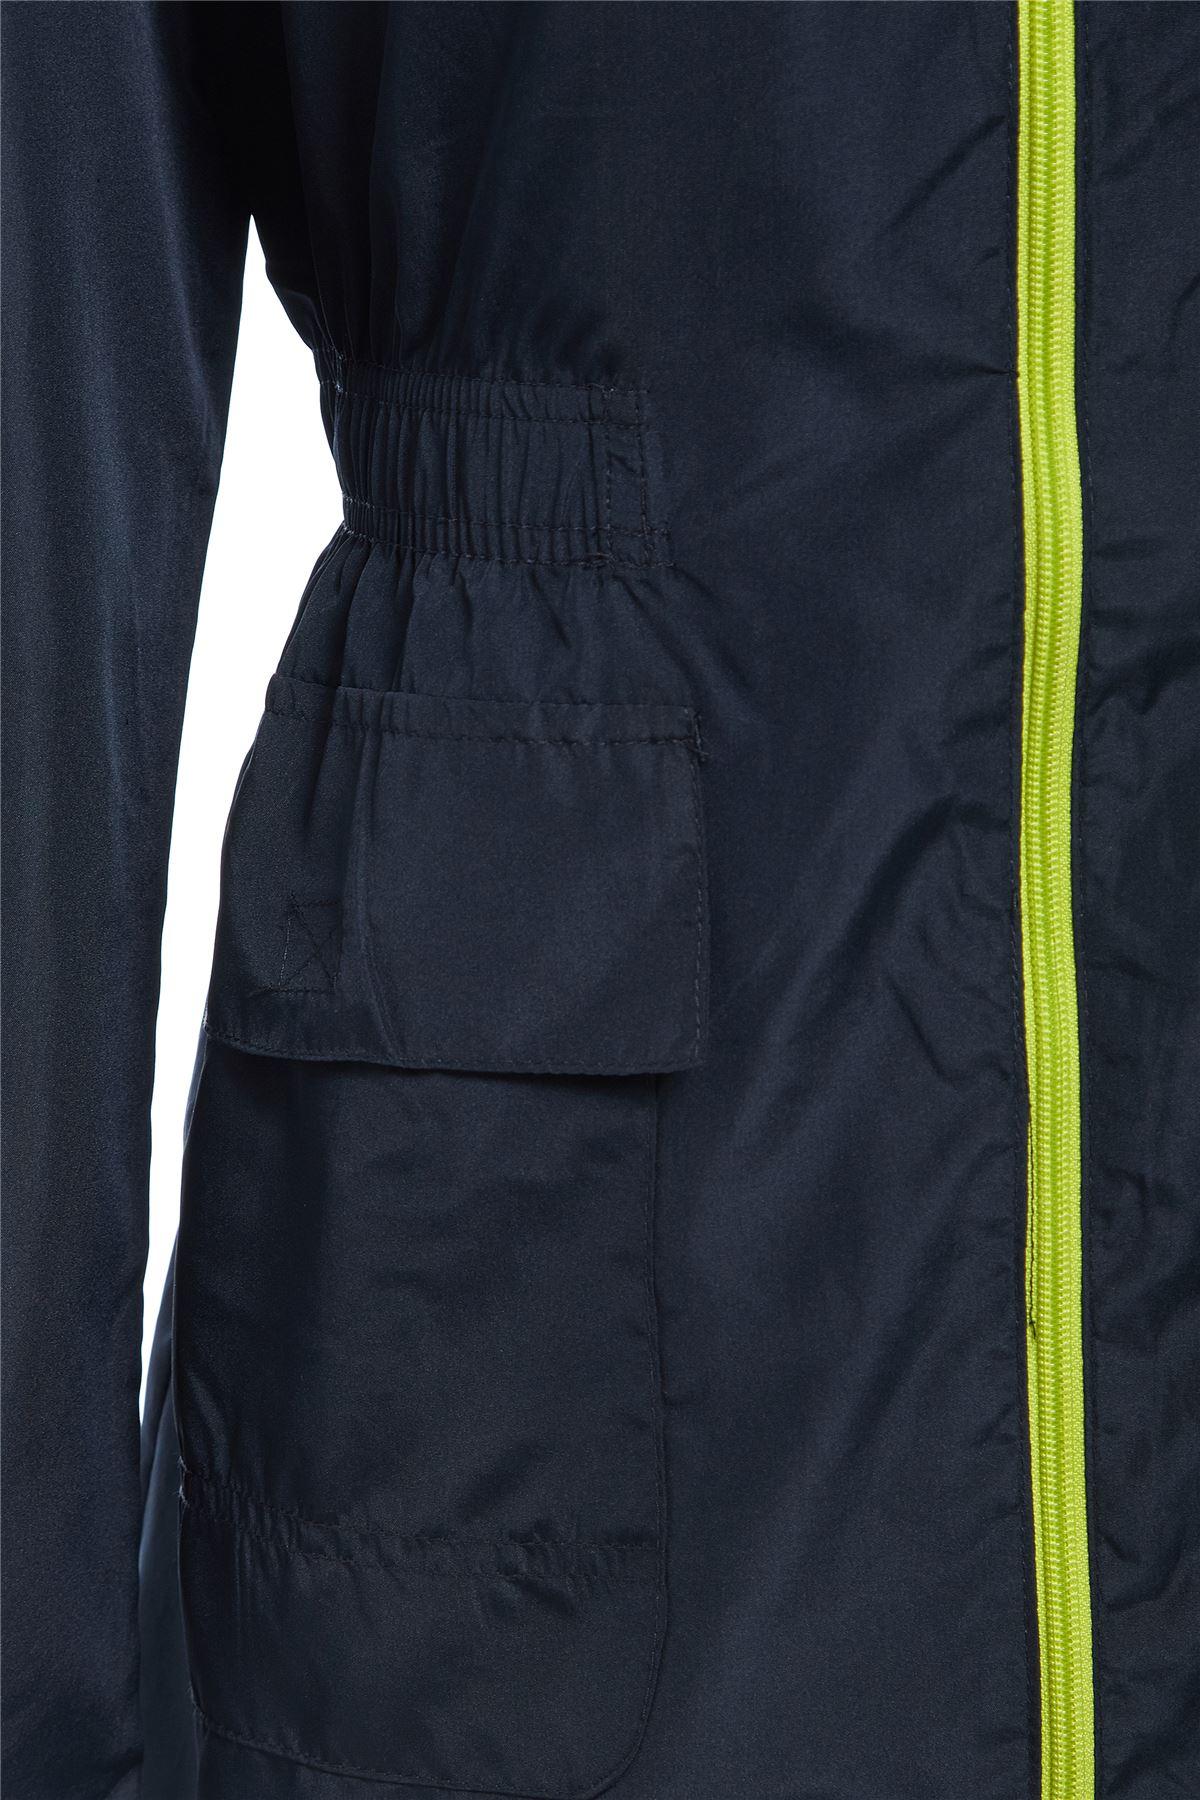 Womens Det Hood Neon Contrast Zip Lightweight Jacket Top Raincoat Kagool 8-16